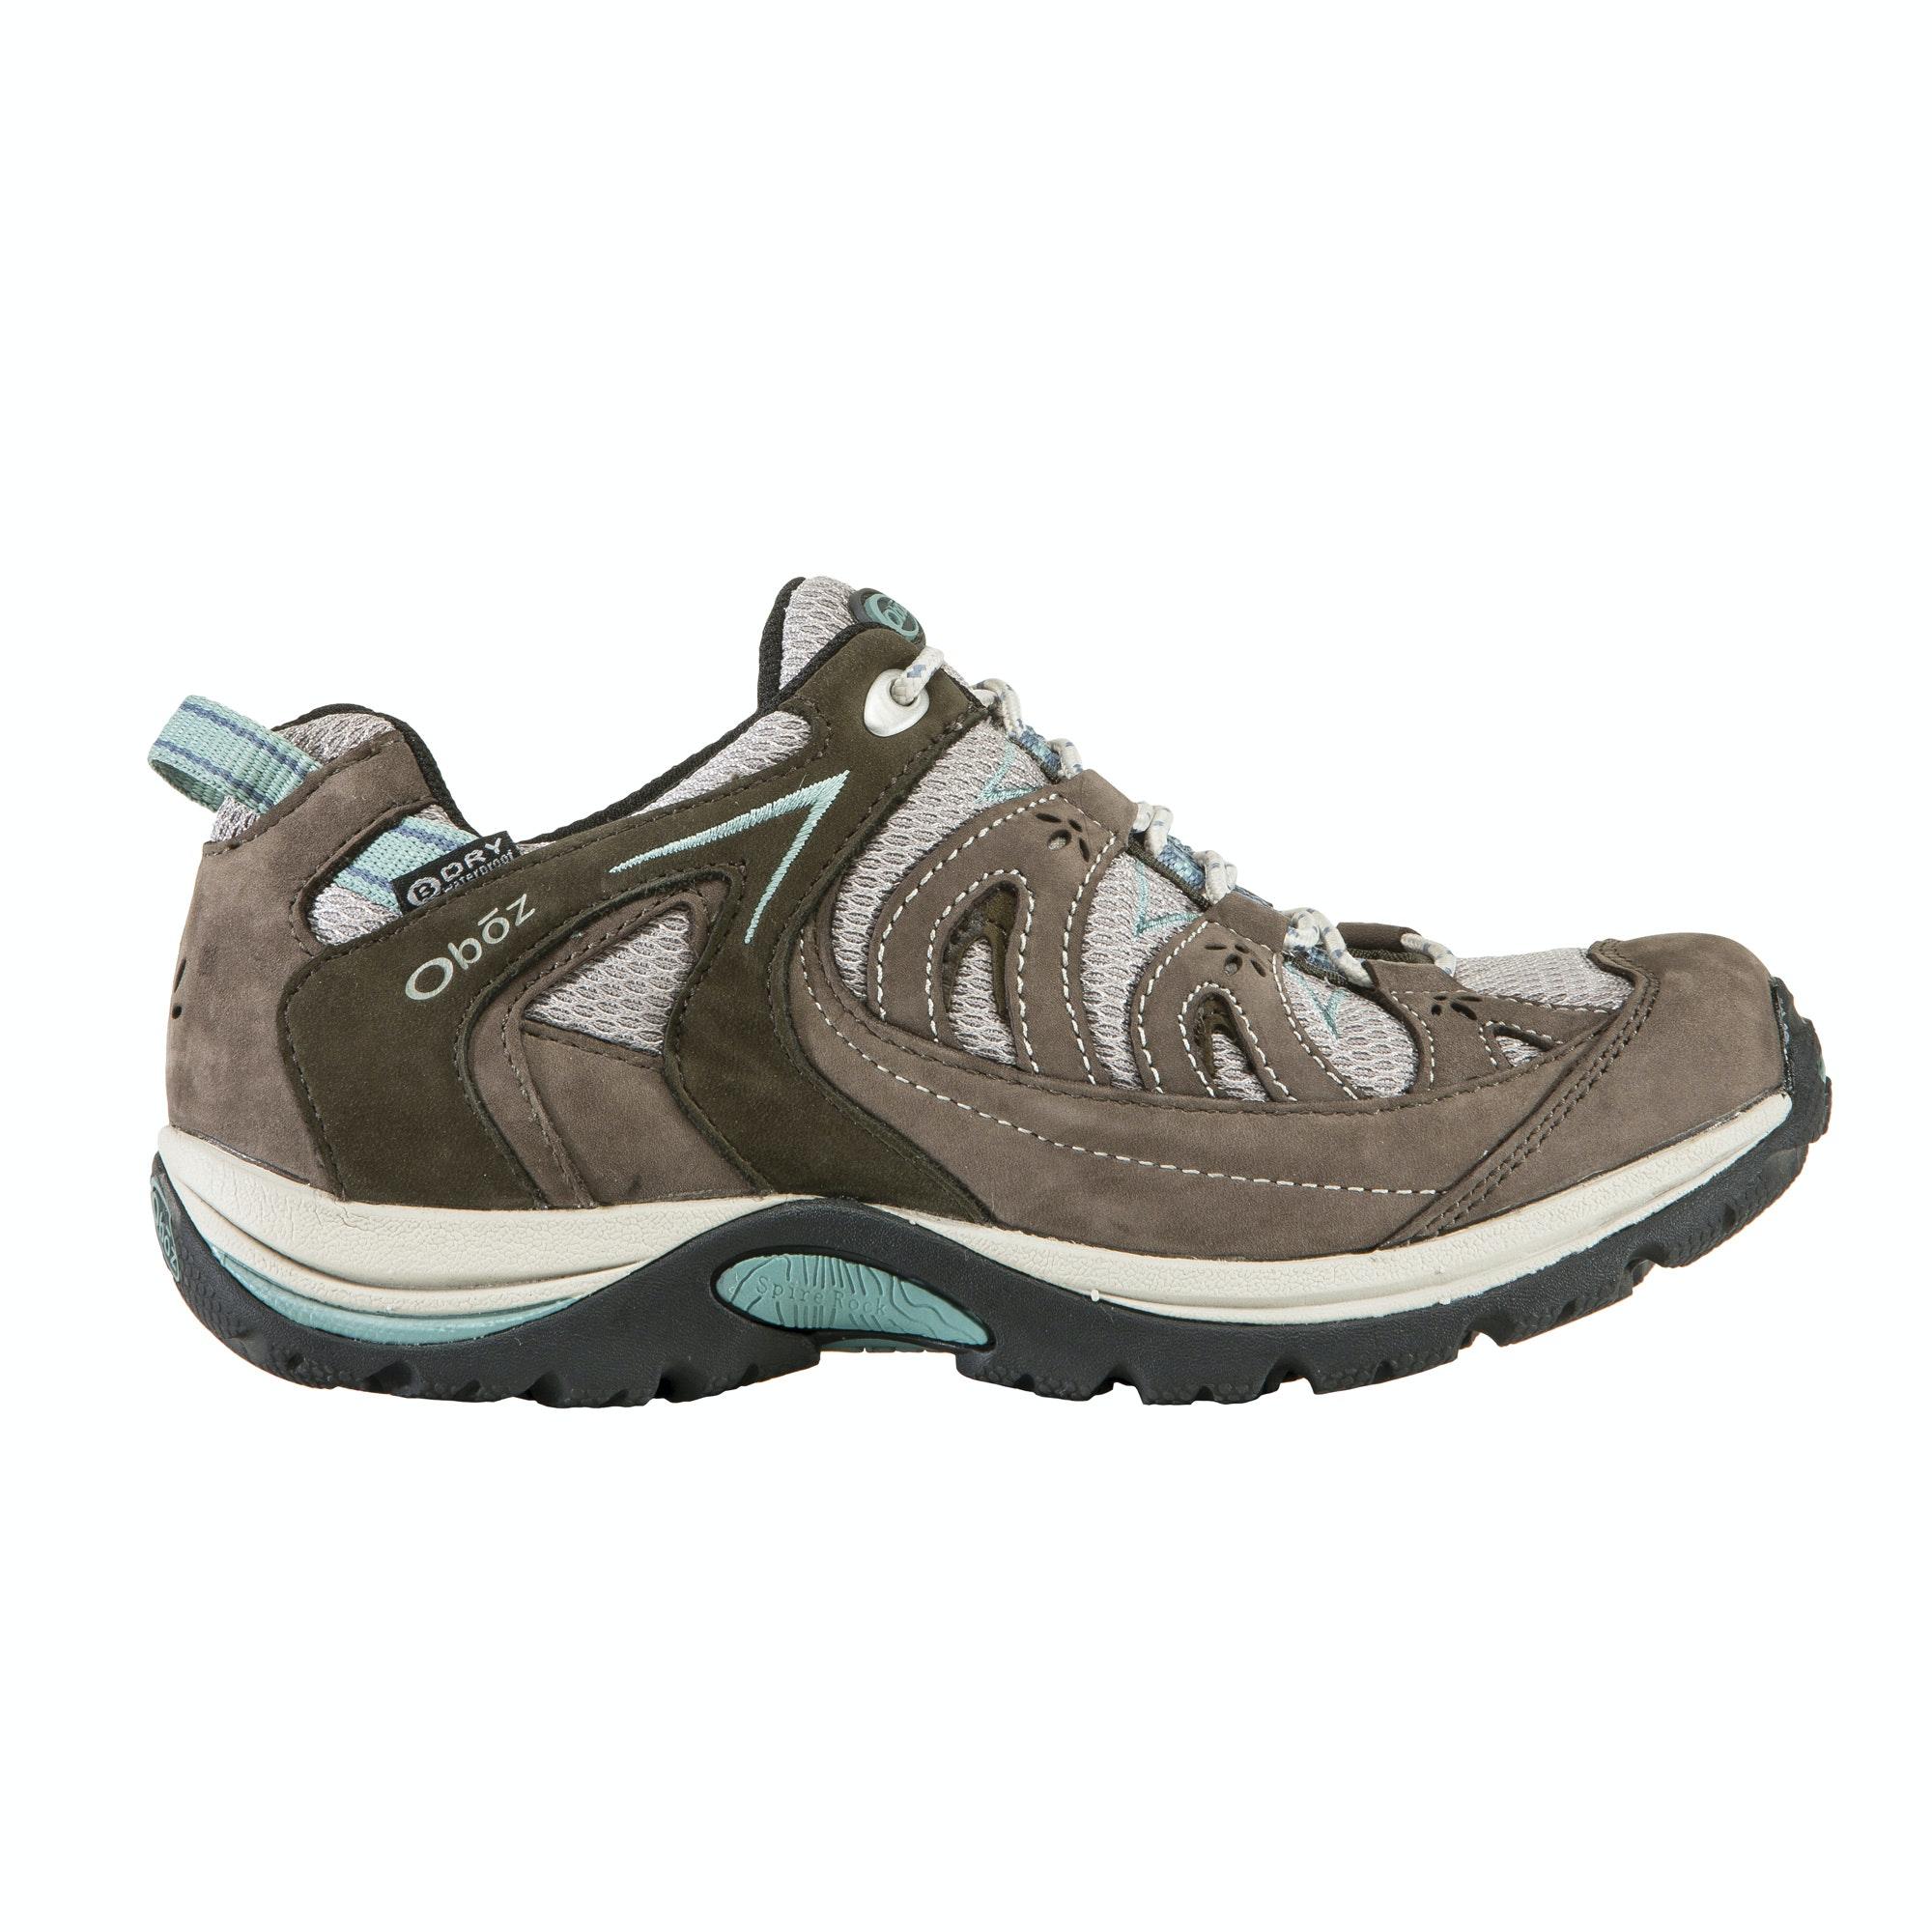 OBOZ Mystic Women's Low Bdry Shoes